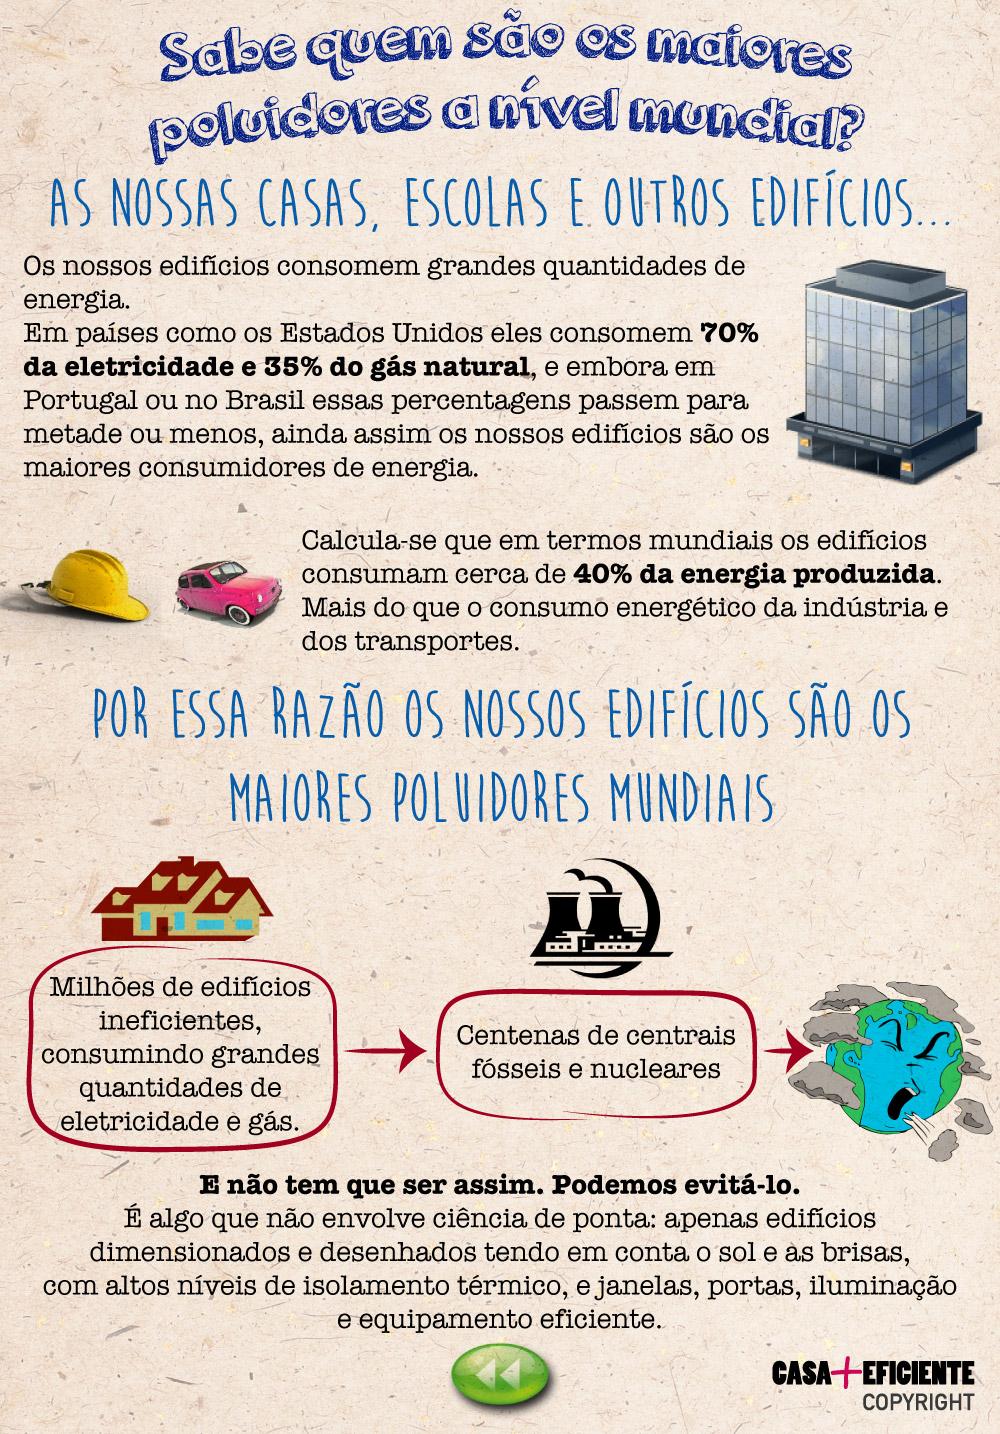 Edíficios consumo energia eletricidade gás